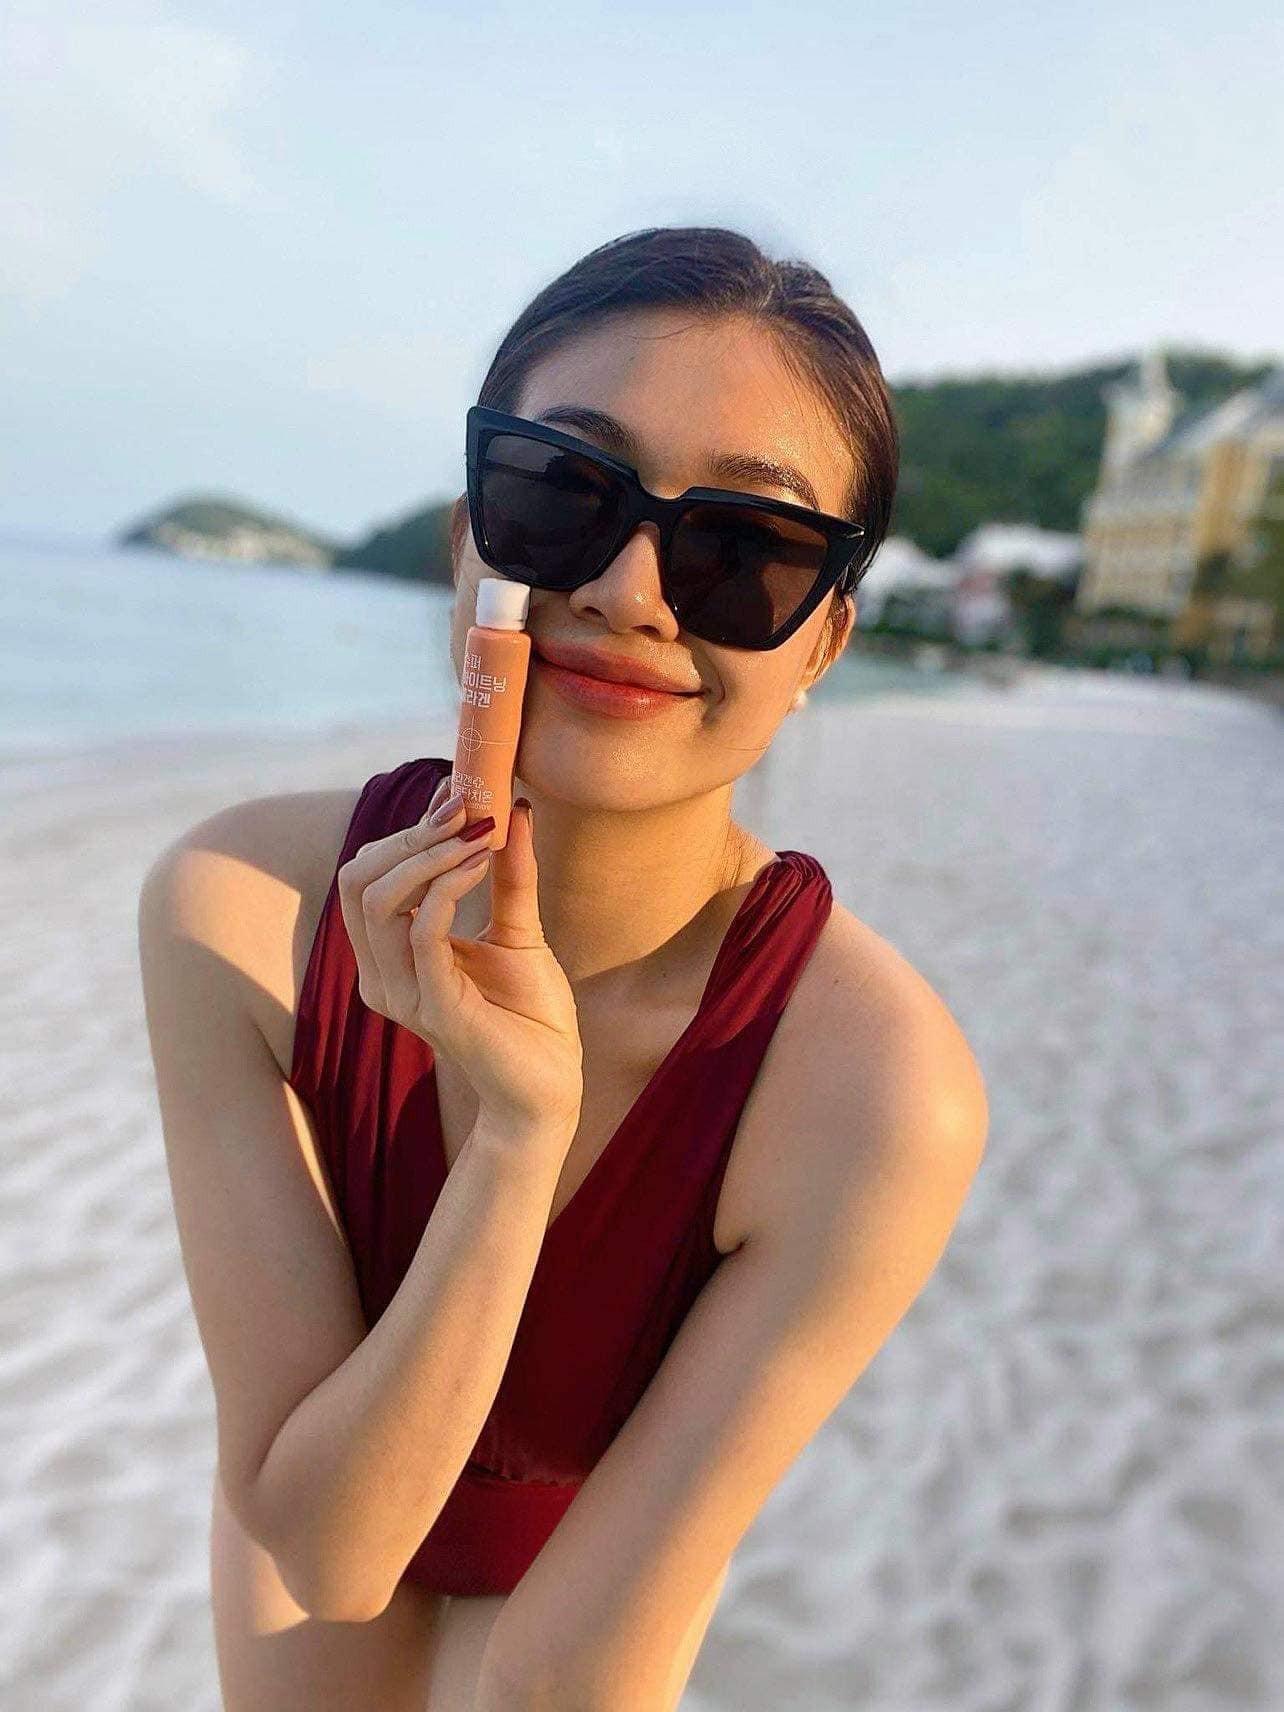 Hoa hậu Đỗ Thị Hà diện váy vàng gold cắt xẻ sexy, khoe loạt thần thái 'đỉnh cao' ảnh 13